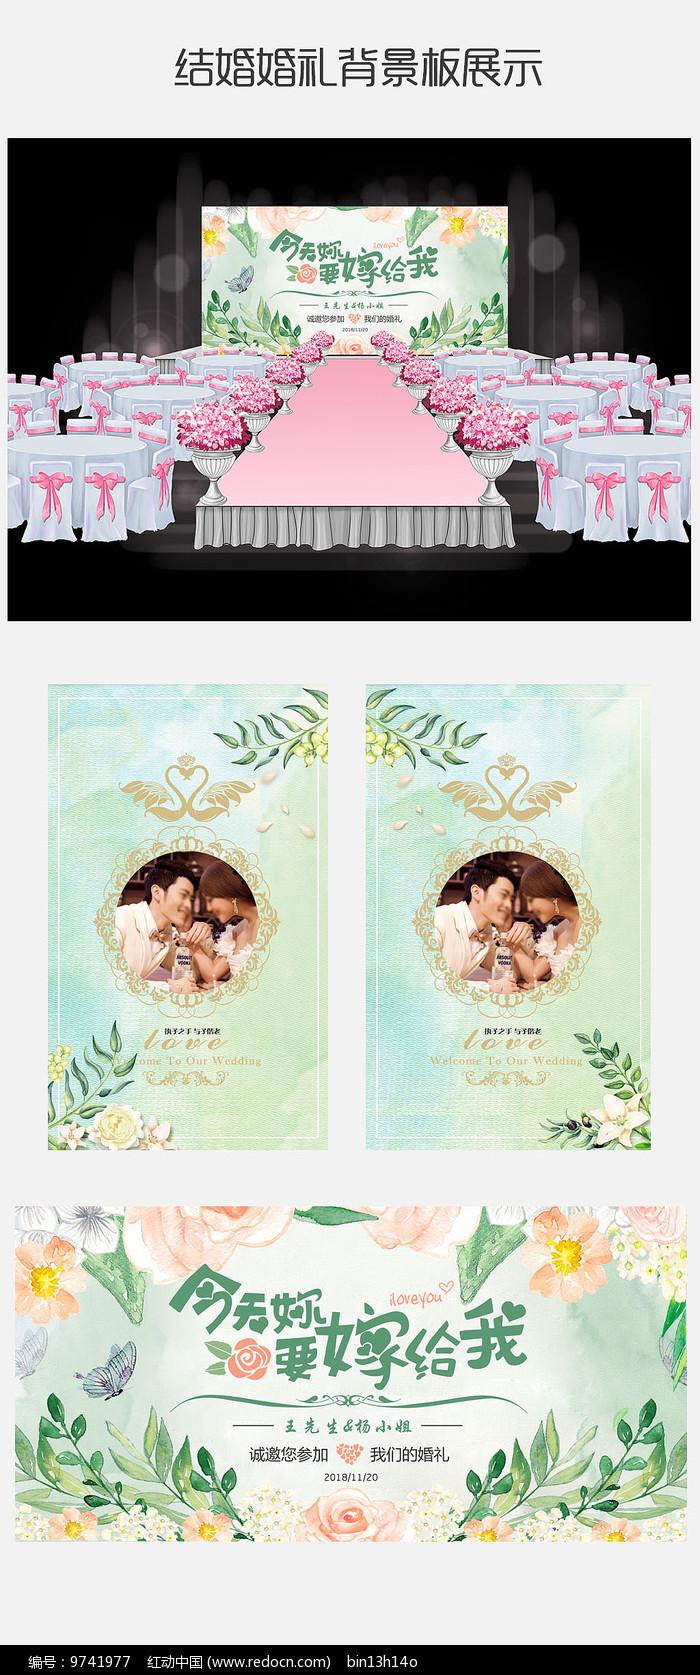 温馨甜蜜花园婚礼背景板图片